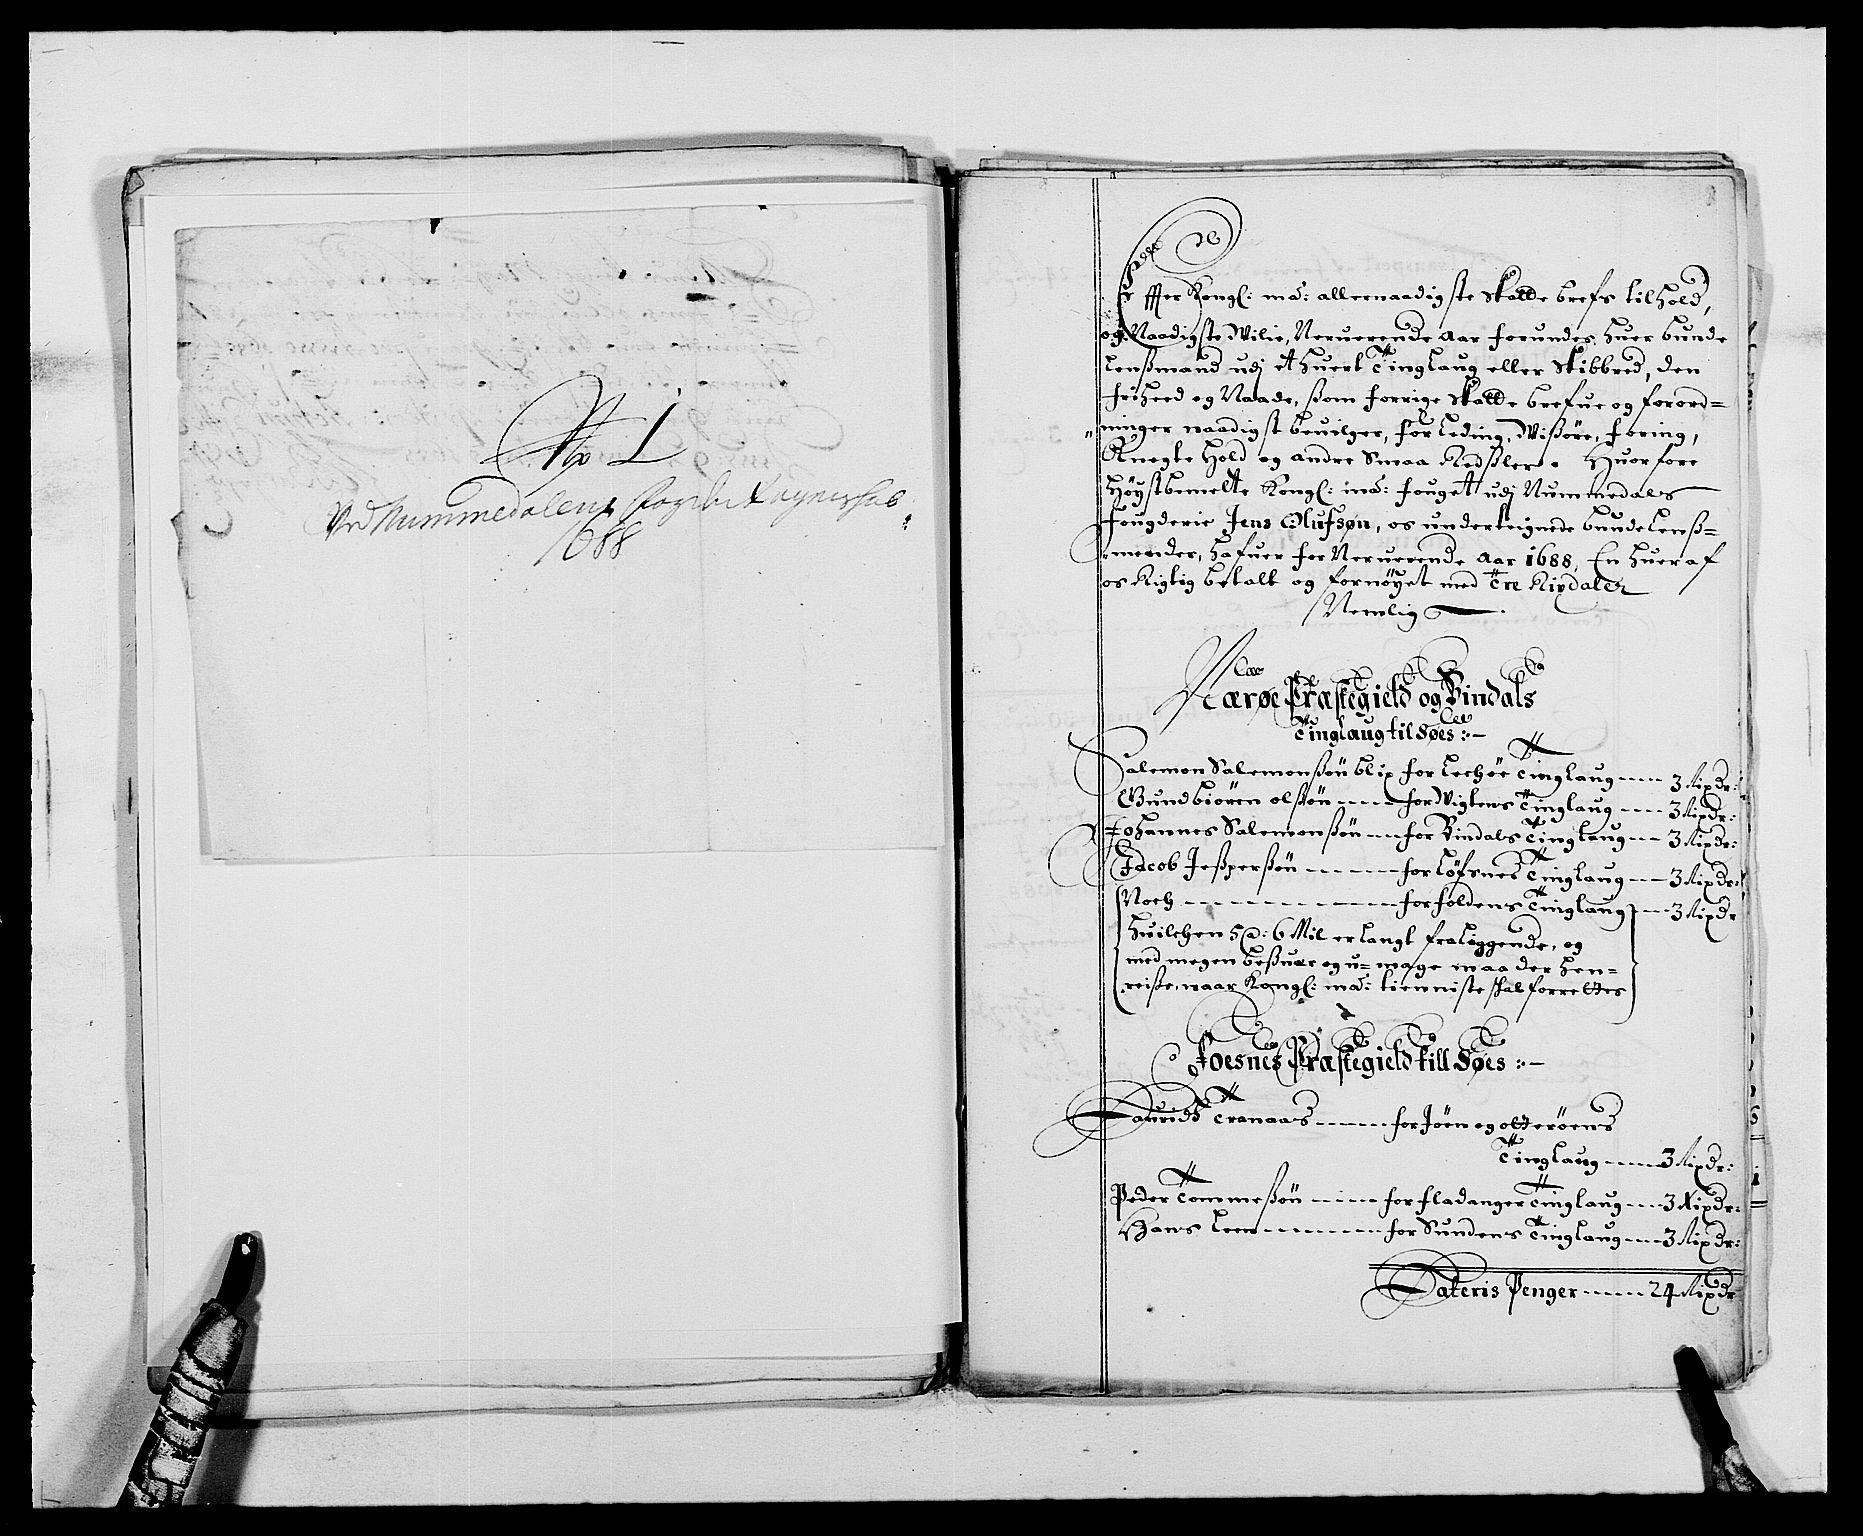 RA, Rentekammeret inntil 1814, Reviderte regnskaper, Fogderegnskap, R64/L4422: Fogderegnskap Namdal, 1687-1689, s. 181